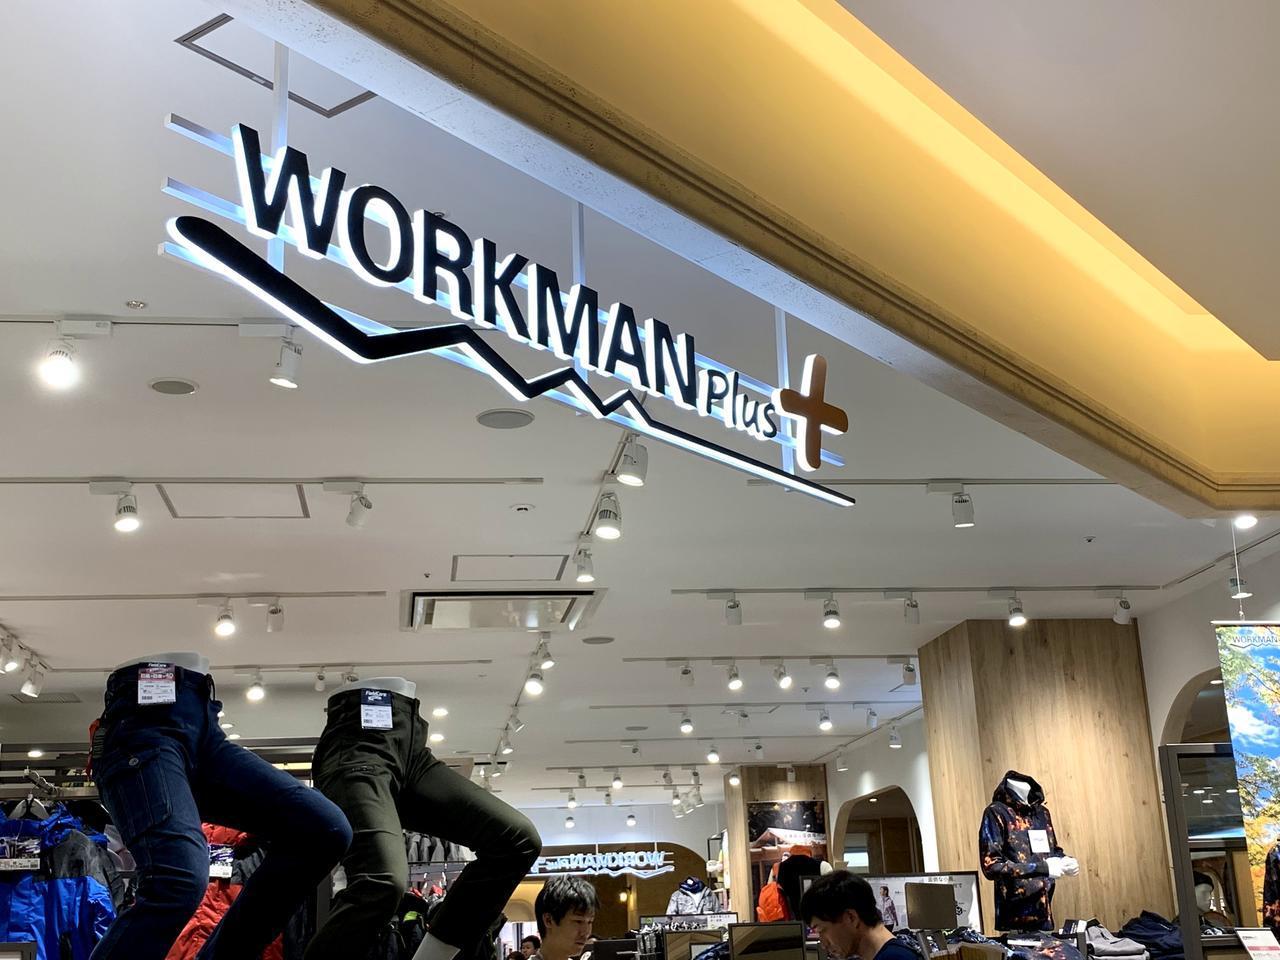 画像1: 人気のワークマンプラスってどんなところ? 先日オープンした新店舗をご紹介! - ハピキャン(HAPPY CAMPER)